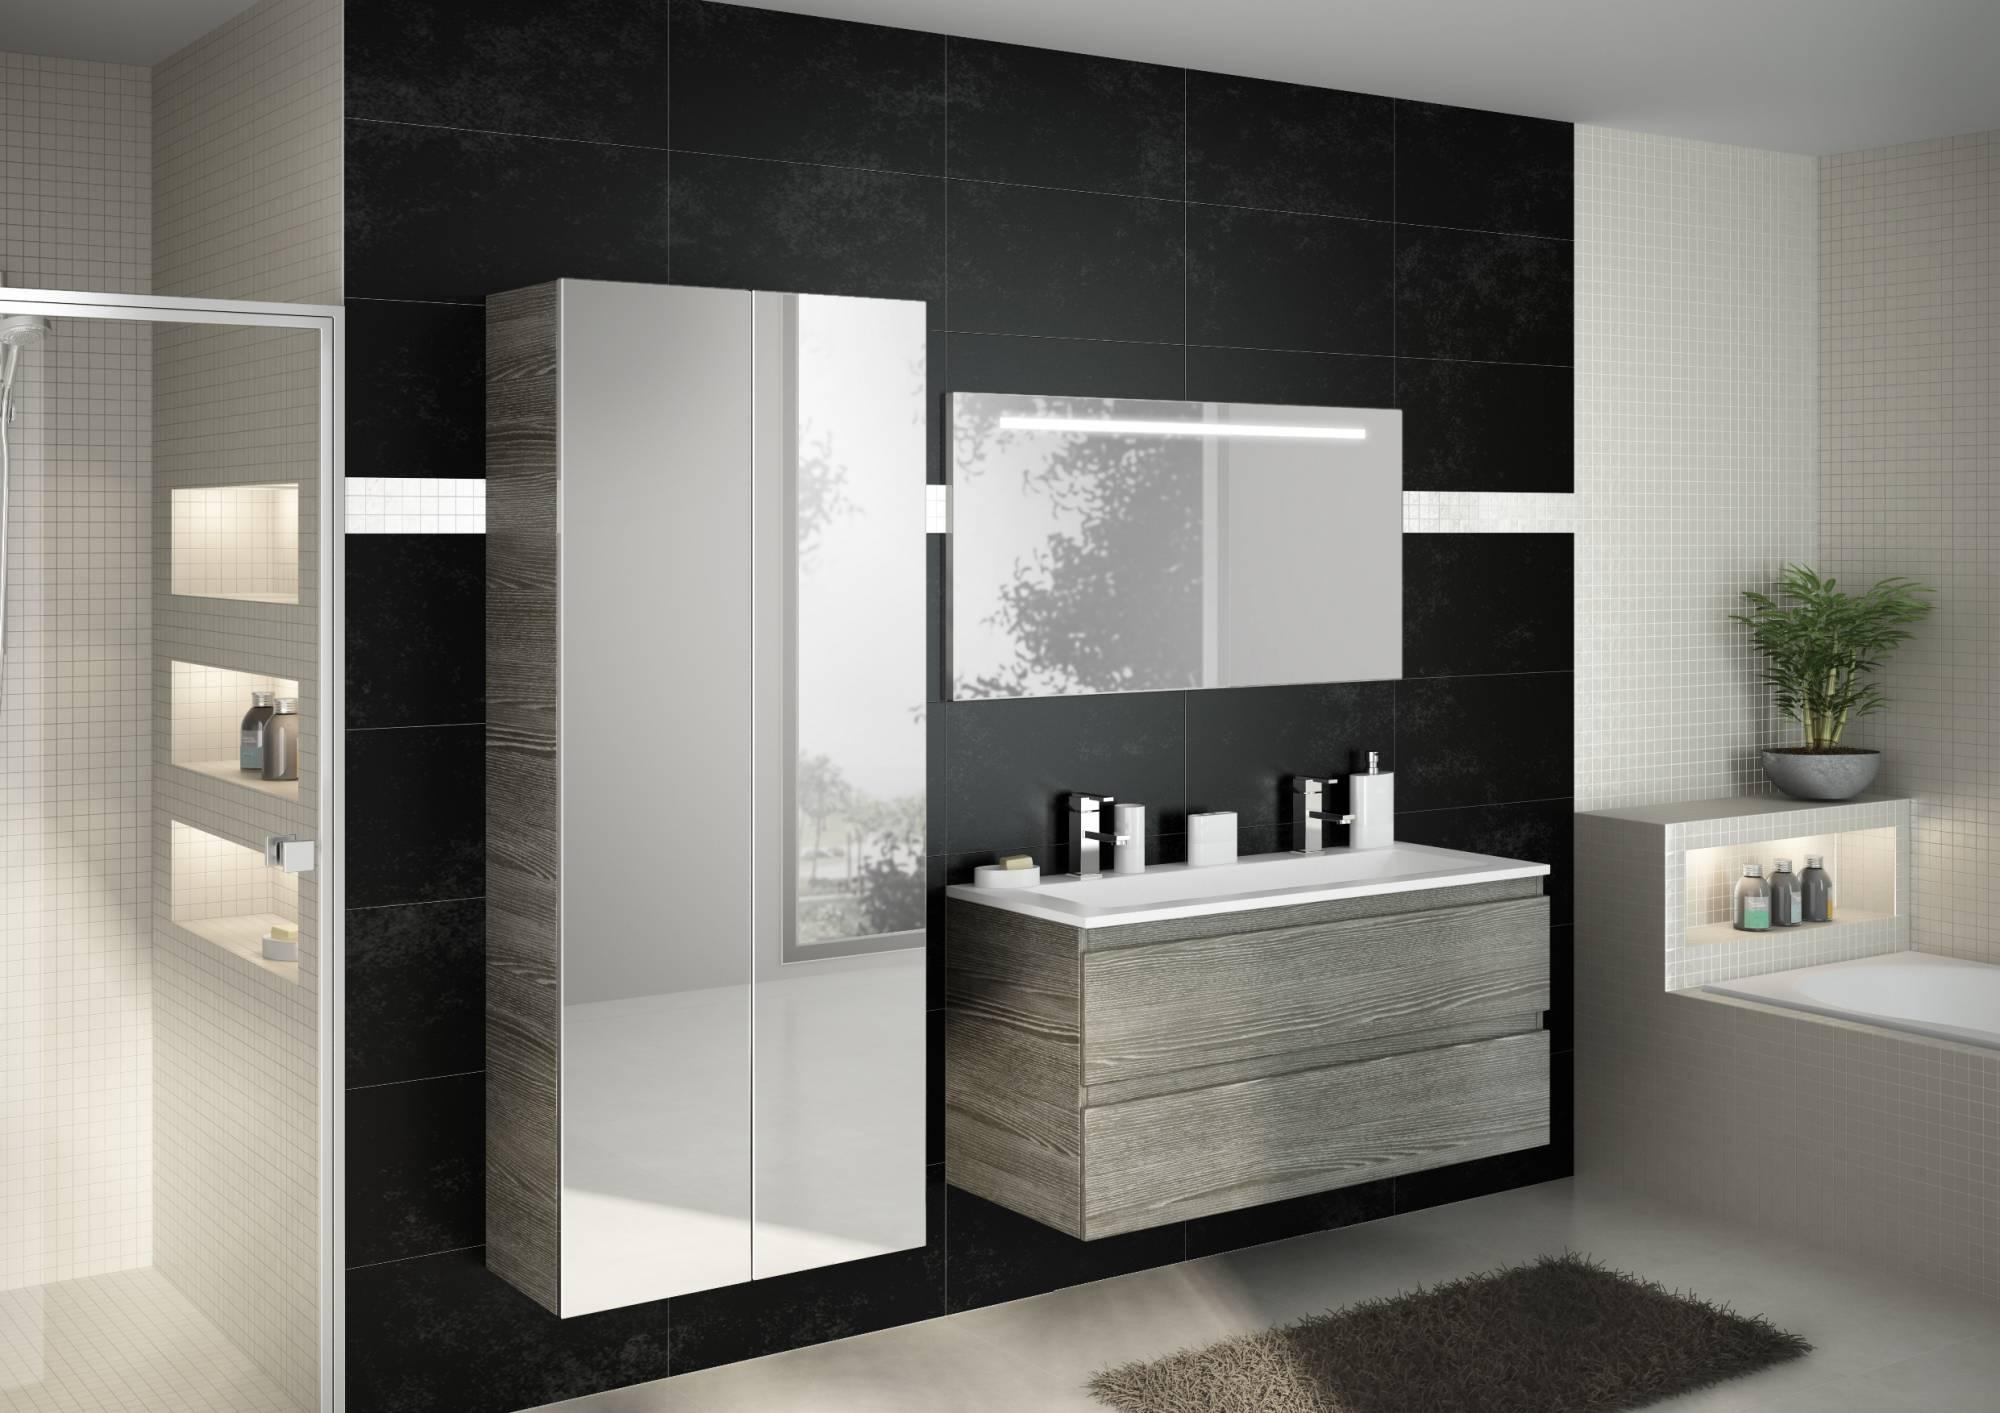 Vente de meuble suspendu pour salle de bains rivage for Meuble pour salle de bain